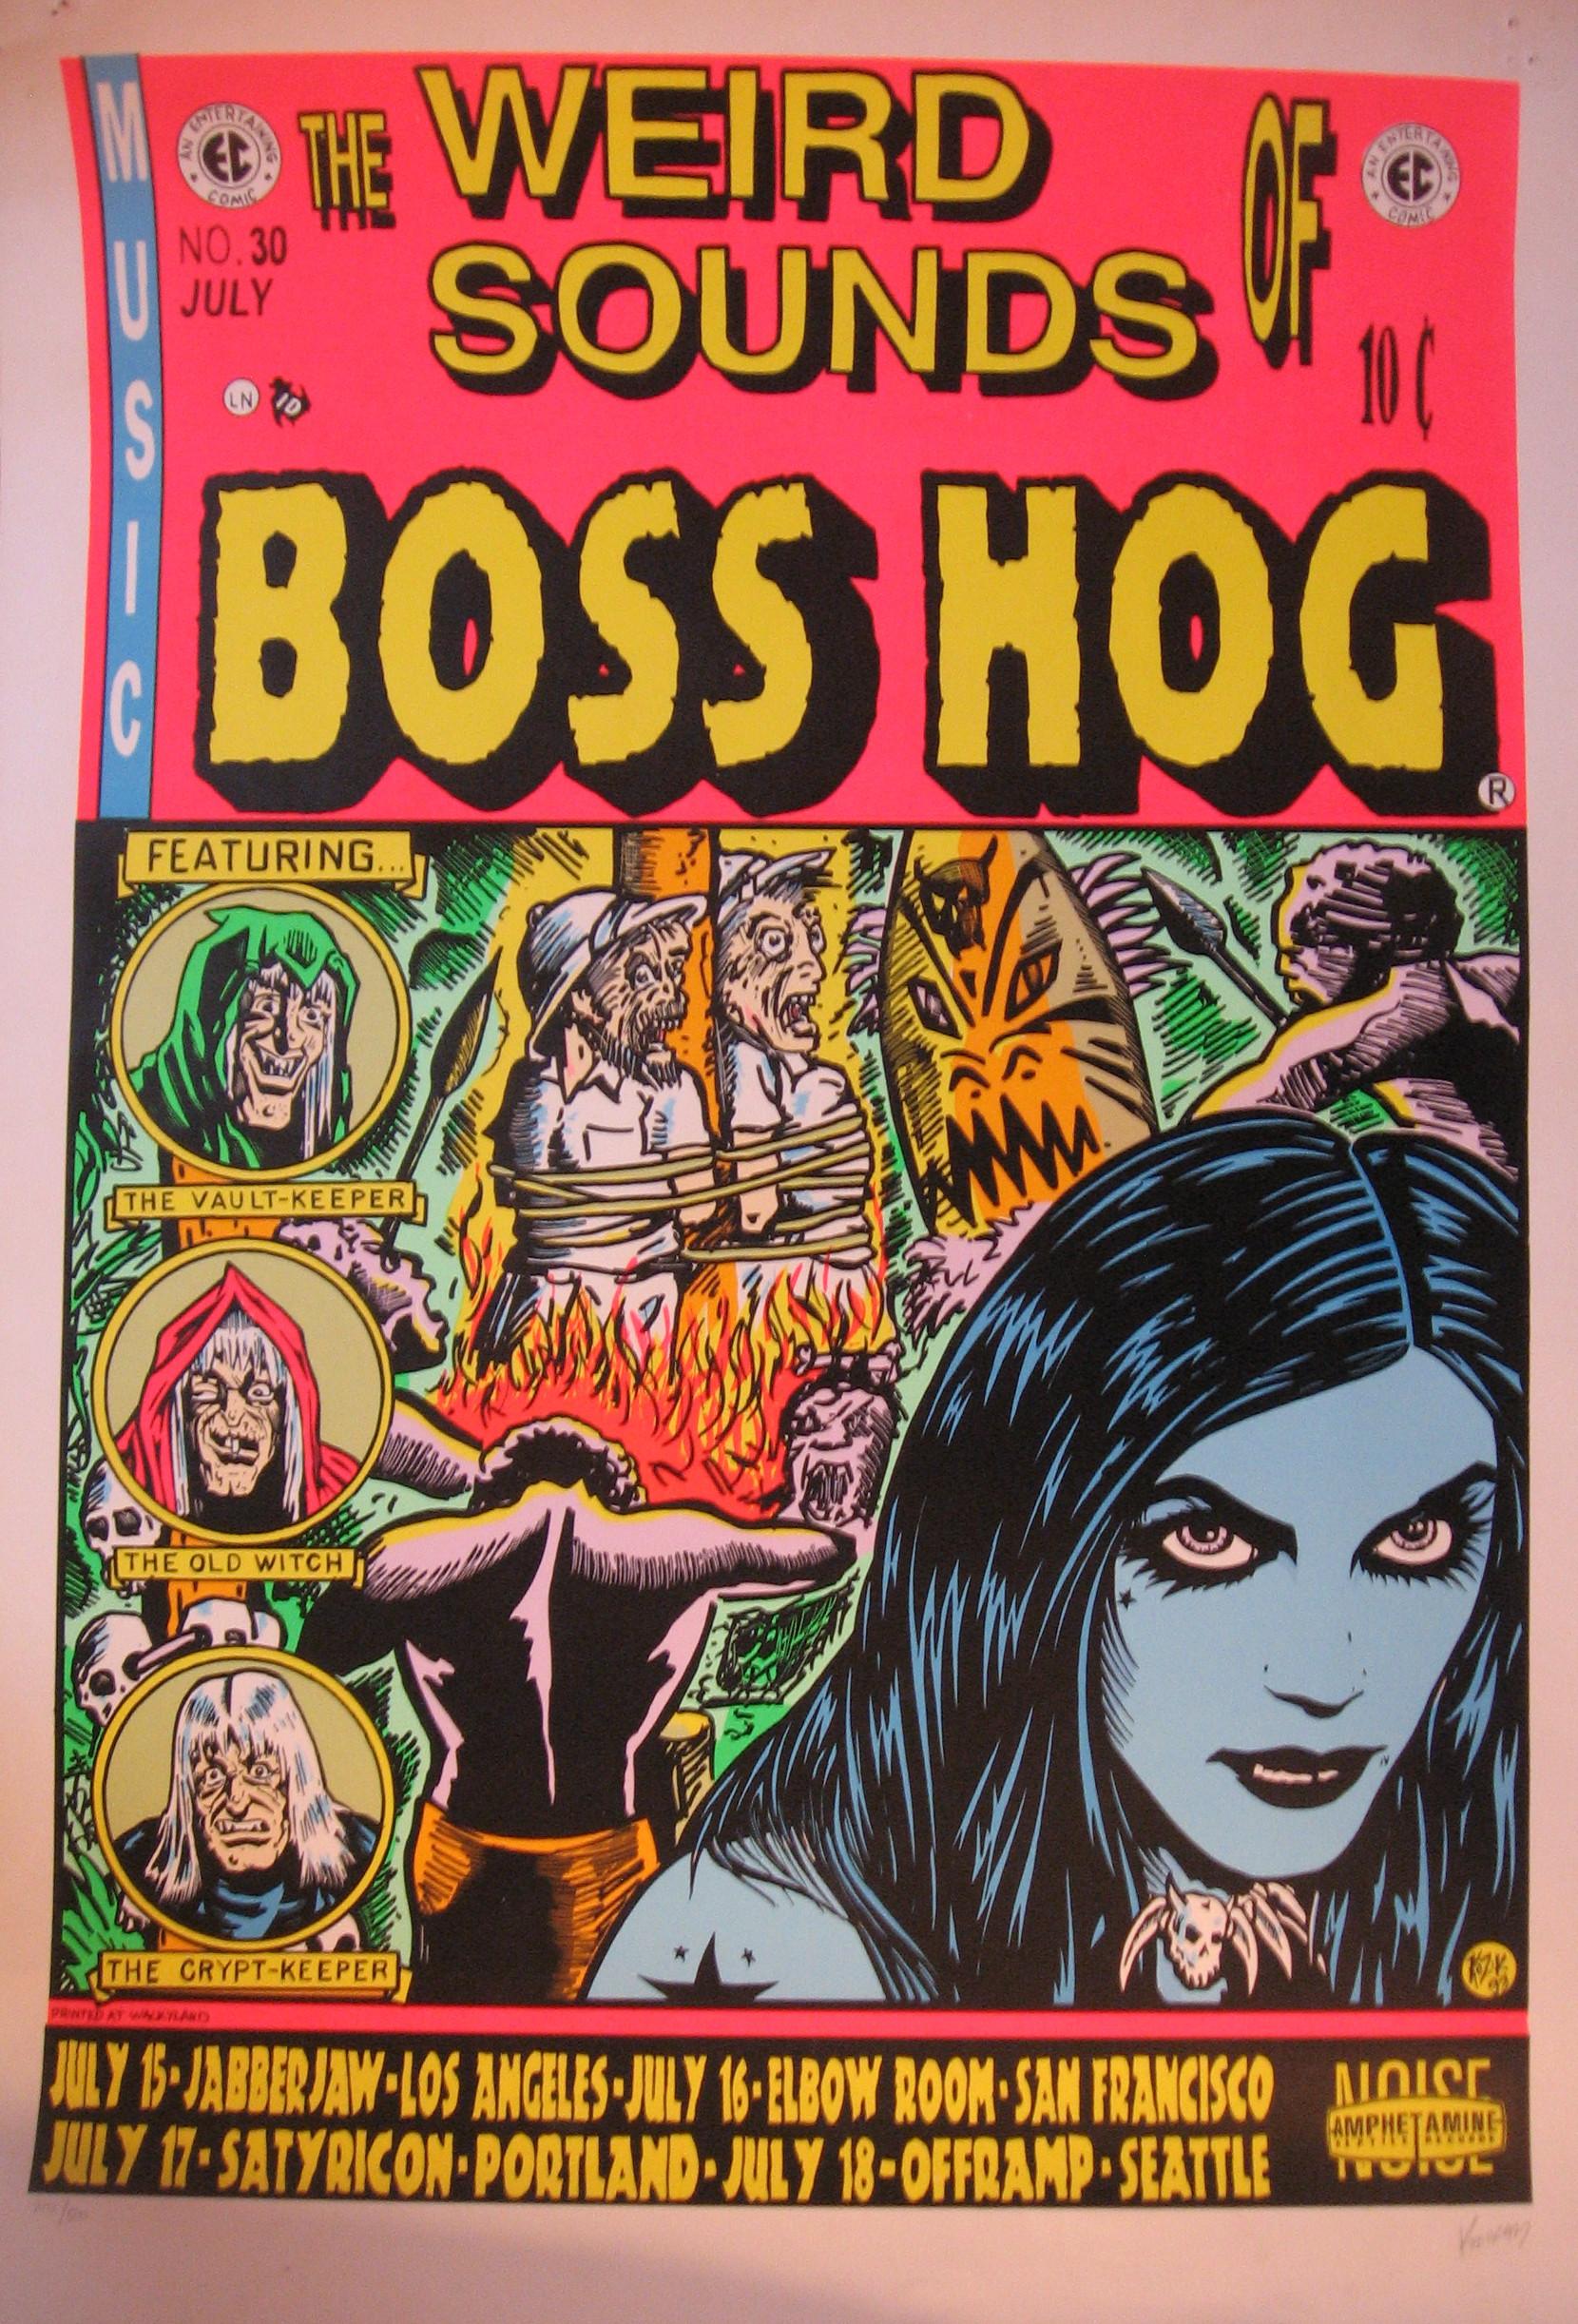 Boss Hog - Weird Sounds of Boss Hog: Tour Poster (15 - 18 July 1993)